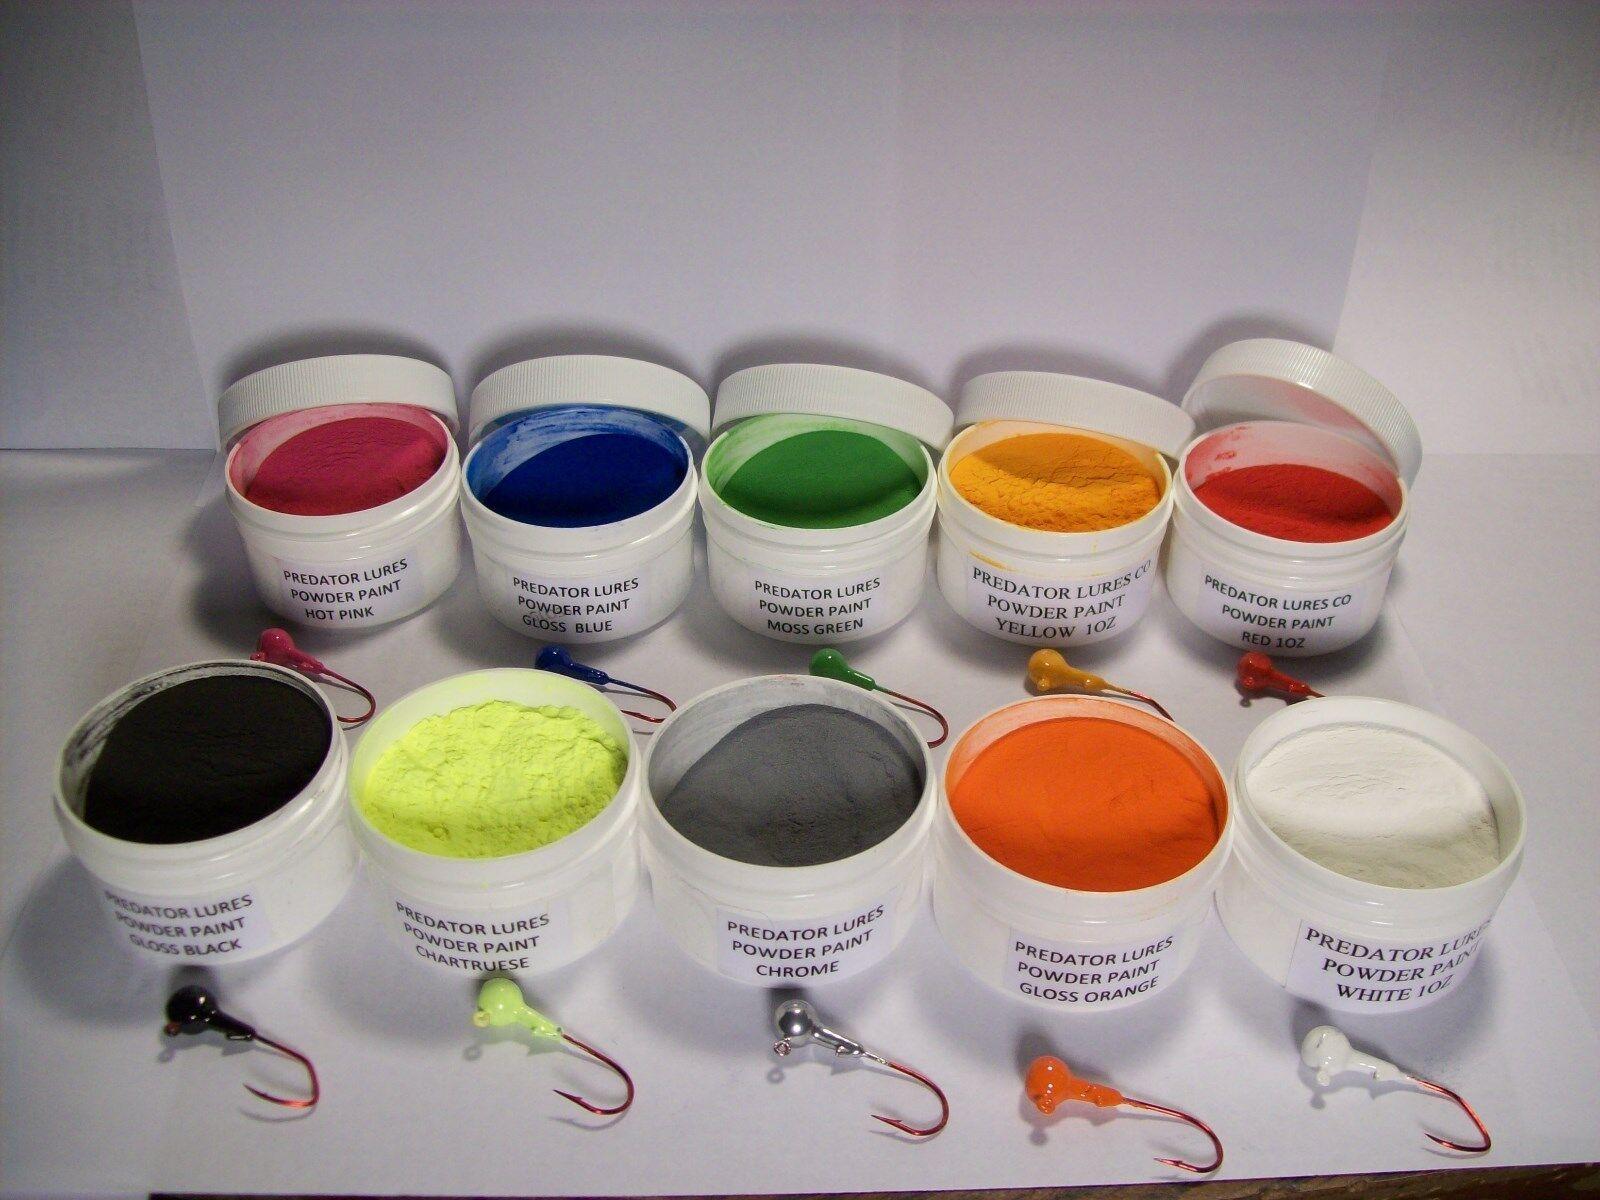 краска для силиконовых приманок купить в москве